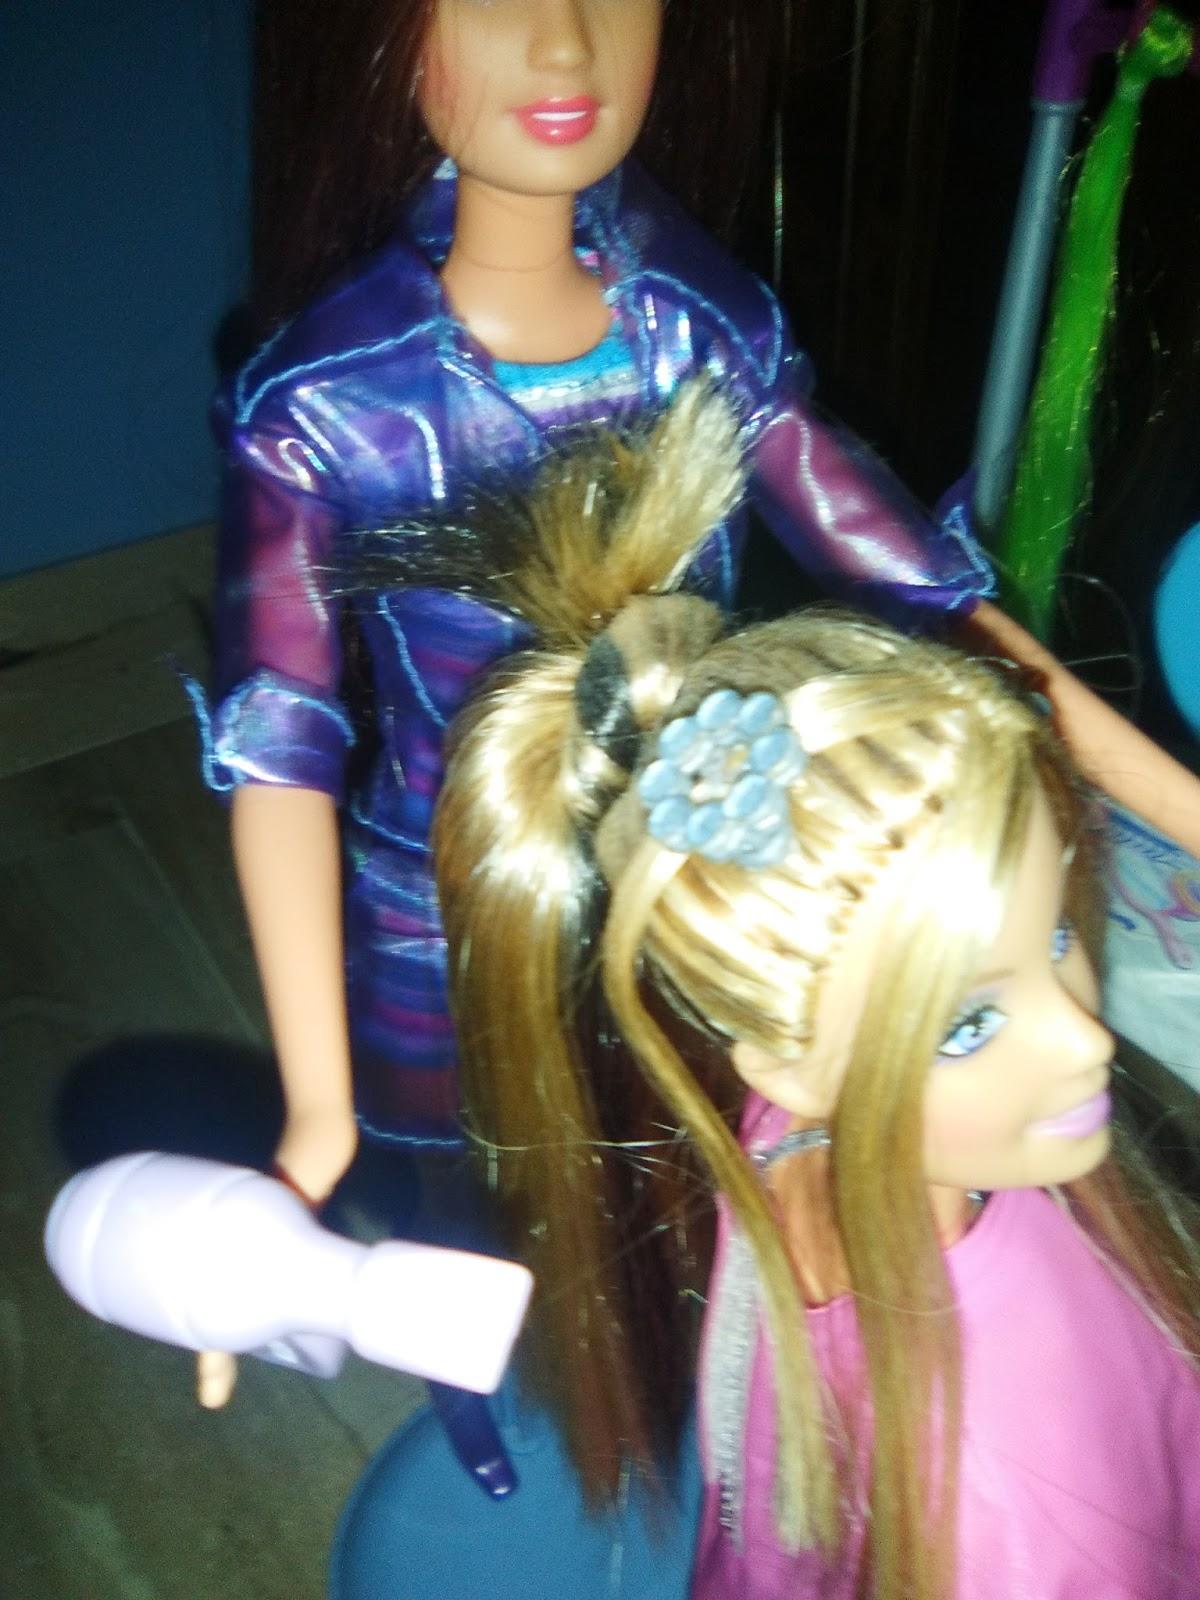 Peinados reales Barbie Juega a juegos en línea gratis en  - Barbie Peinados Juegos